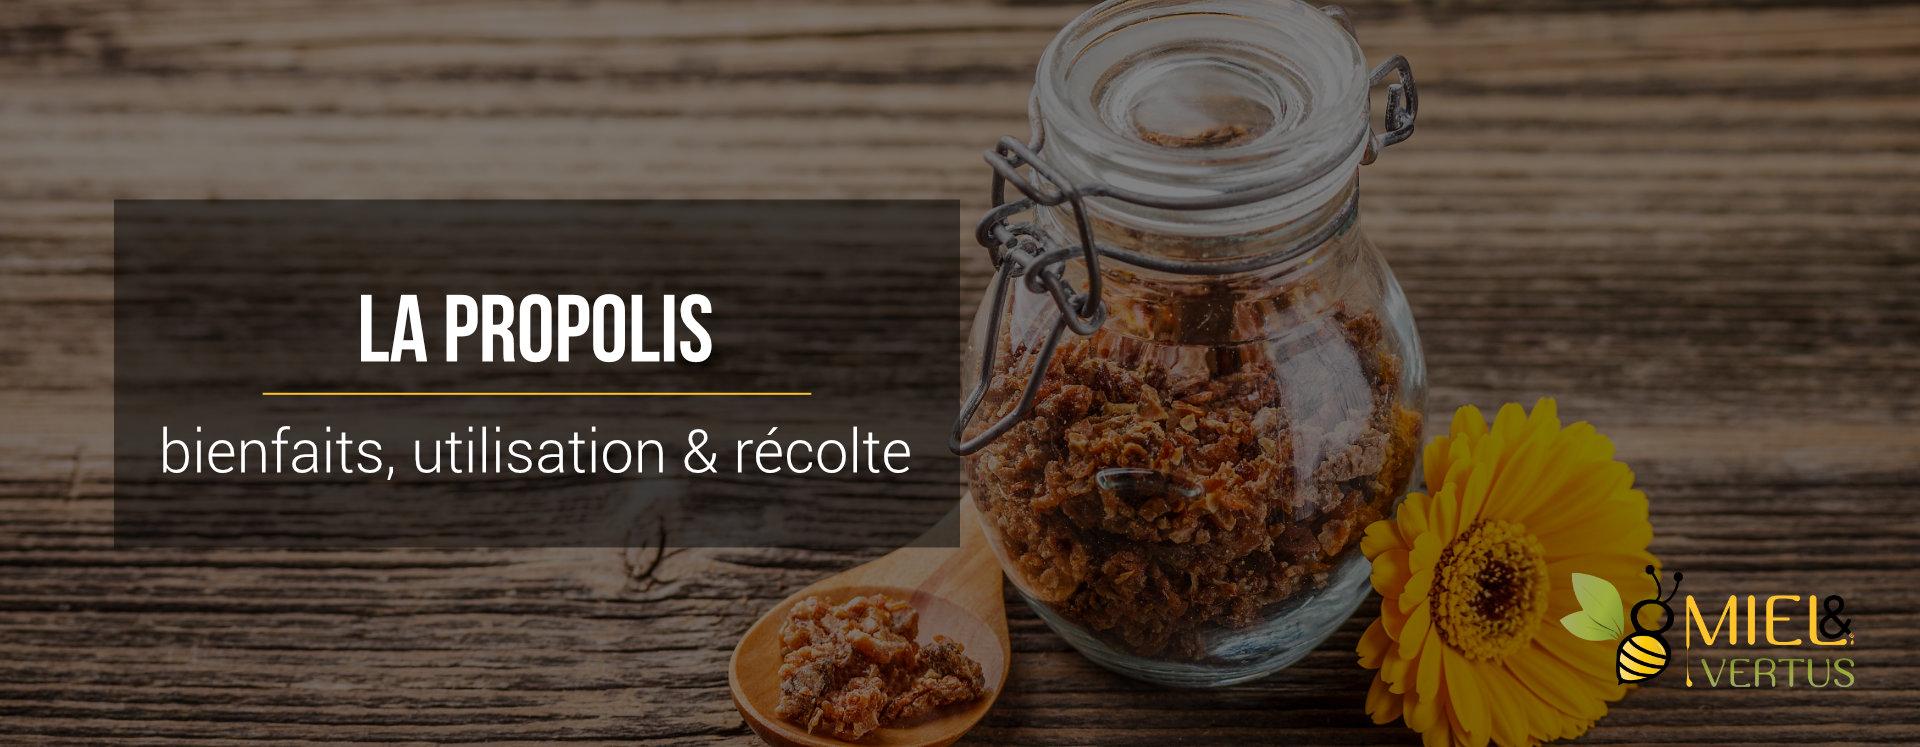 propolis-bienfaits-utilisation-recolte